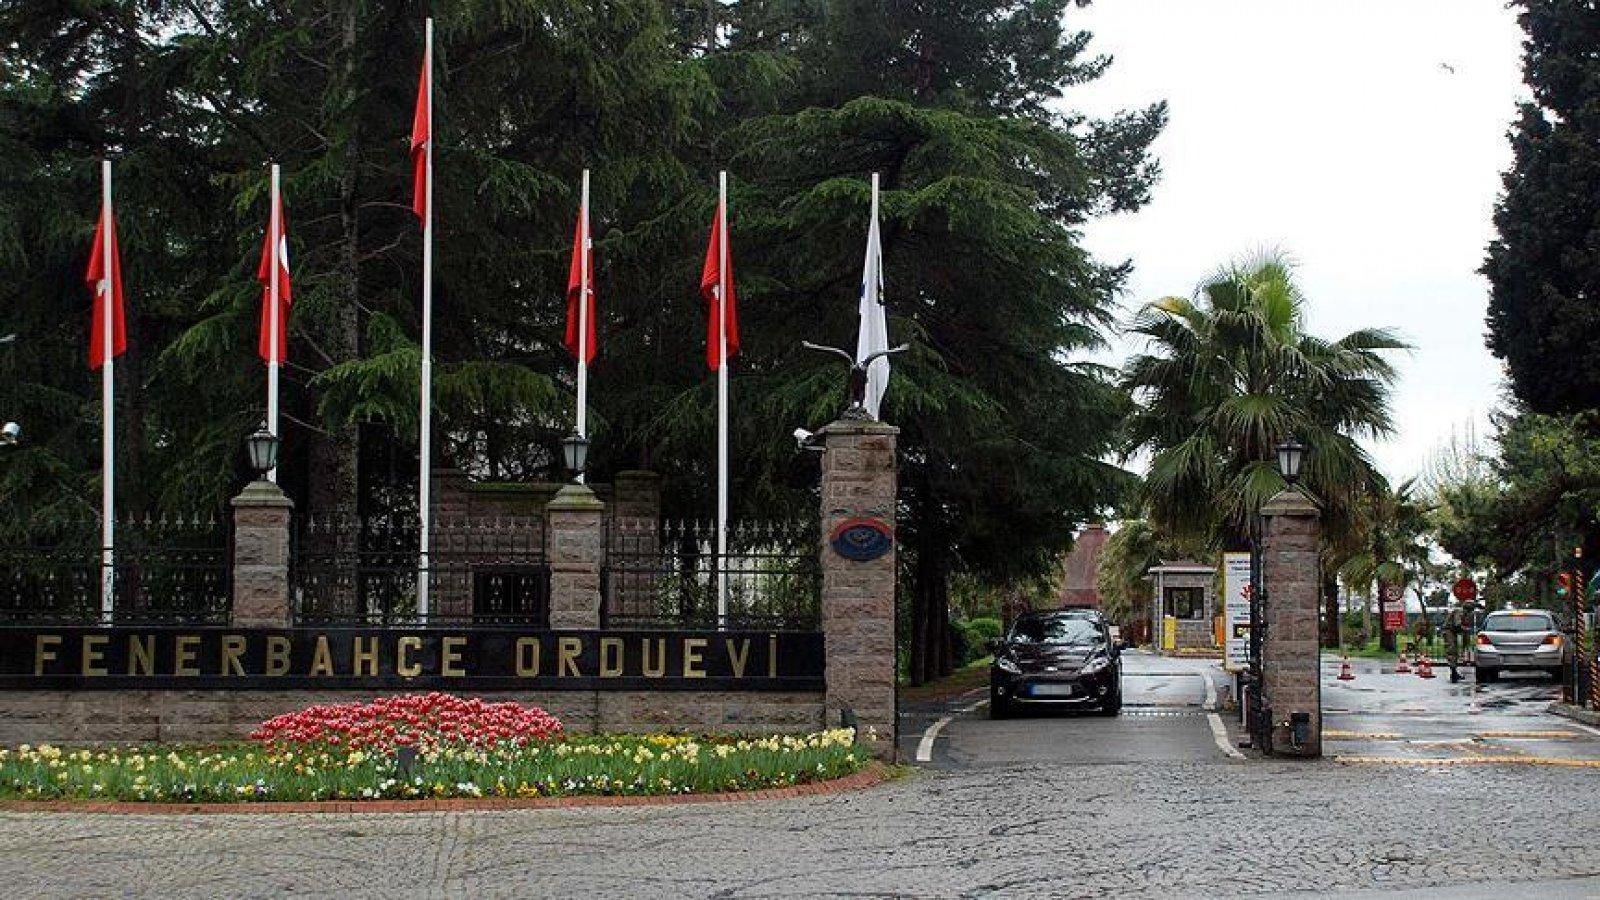 Fenerbahçe Orduevi